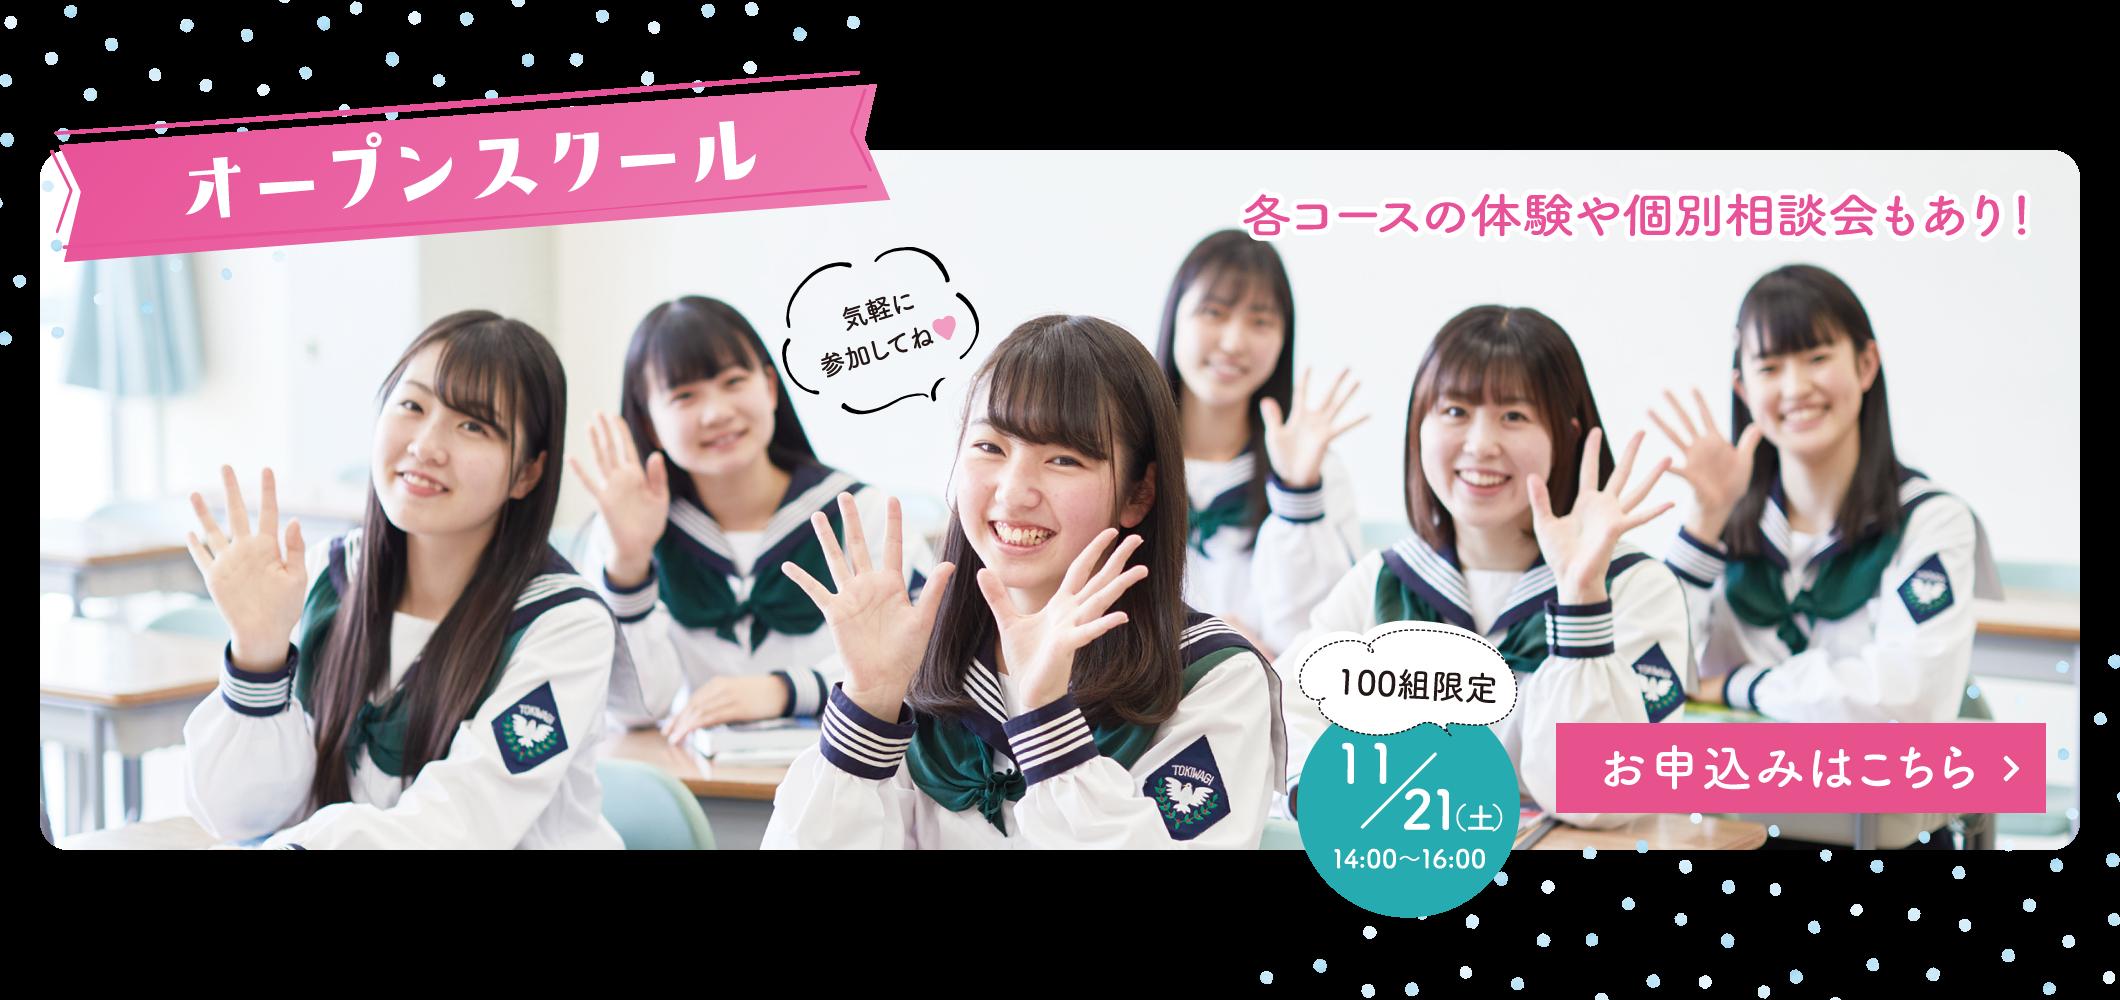 オープンスクール 10/3(土)100組限定14:00〜16:00 10/25(土)9:30〜12:30